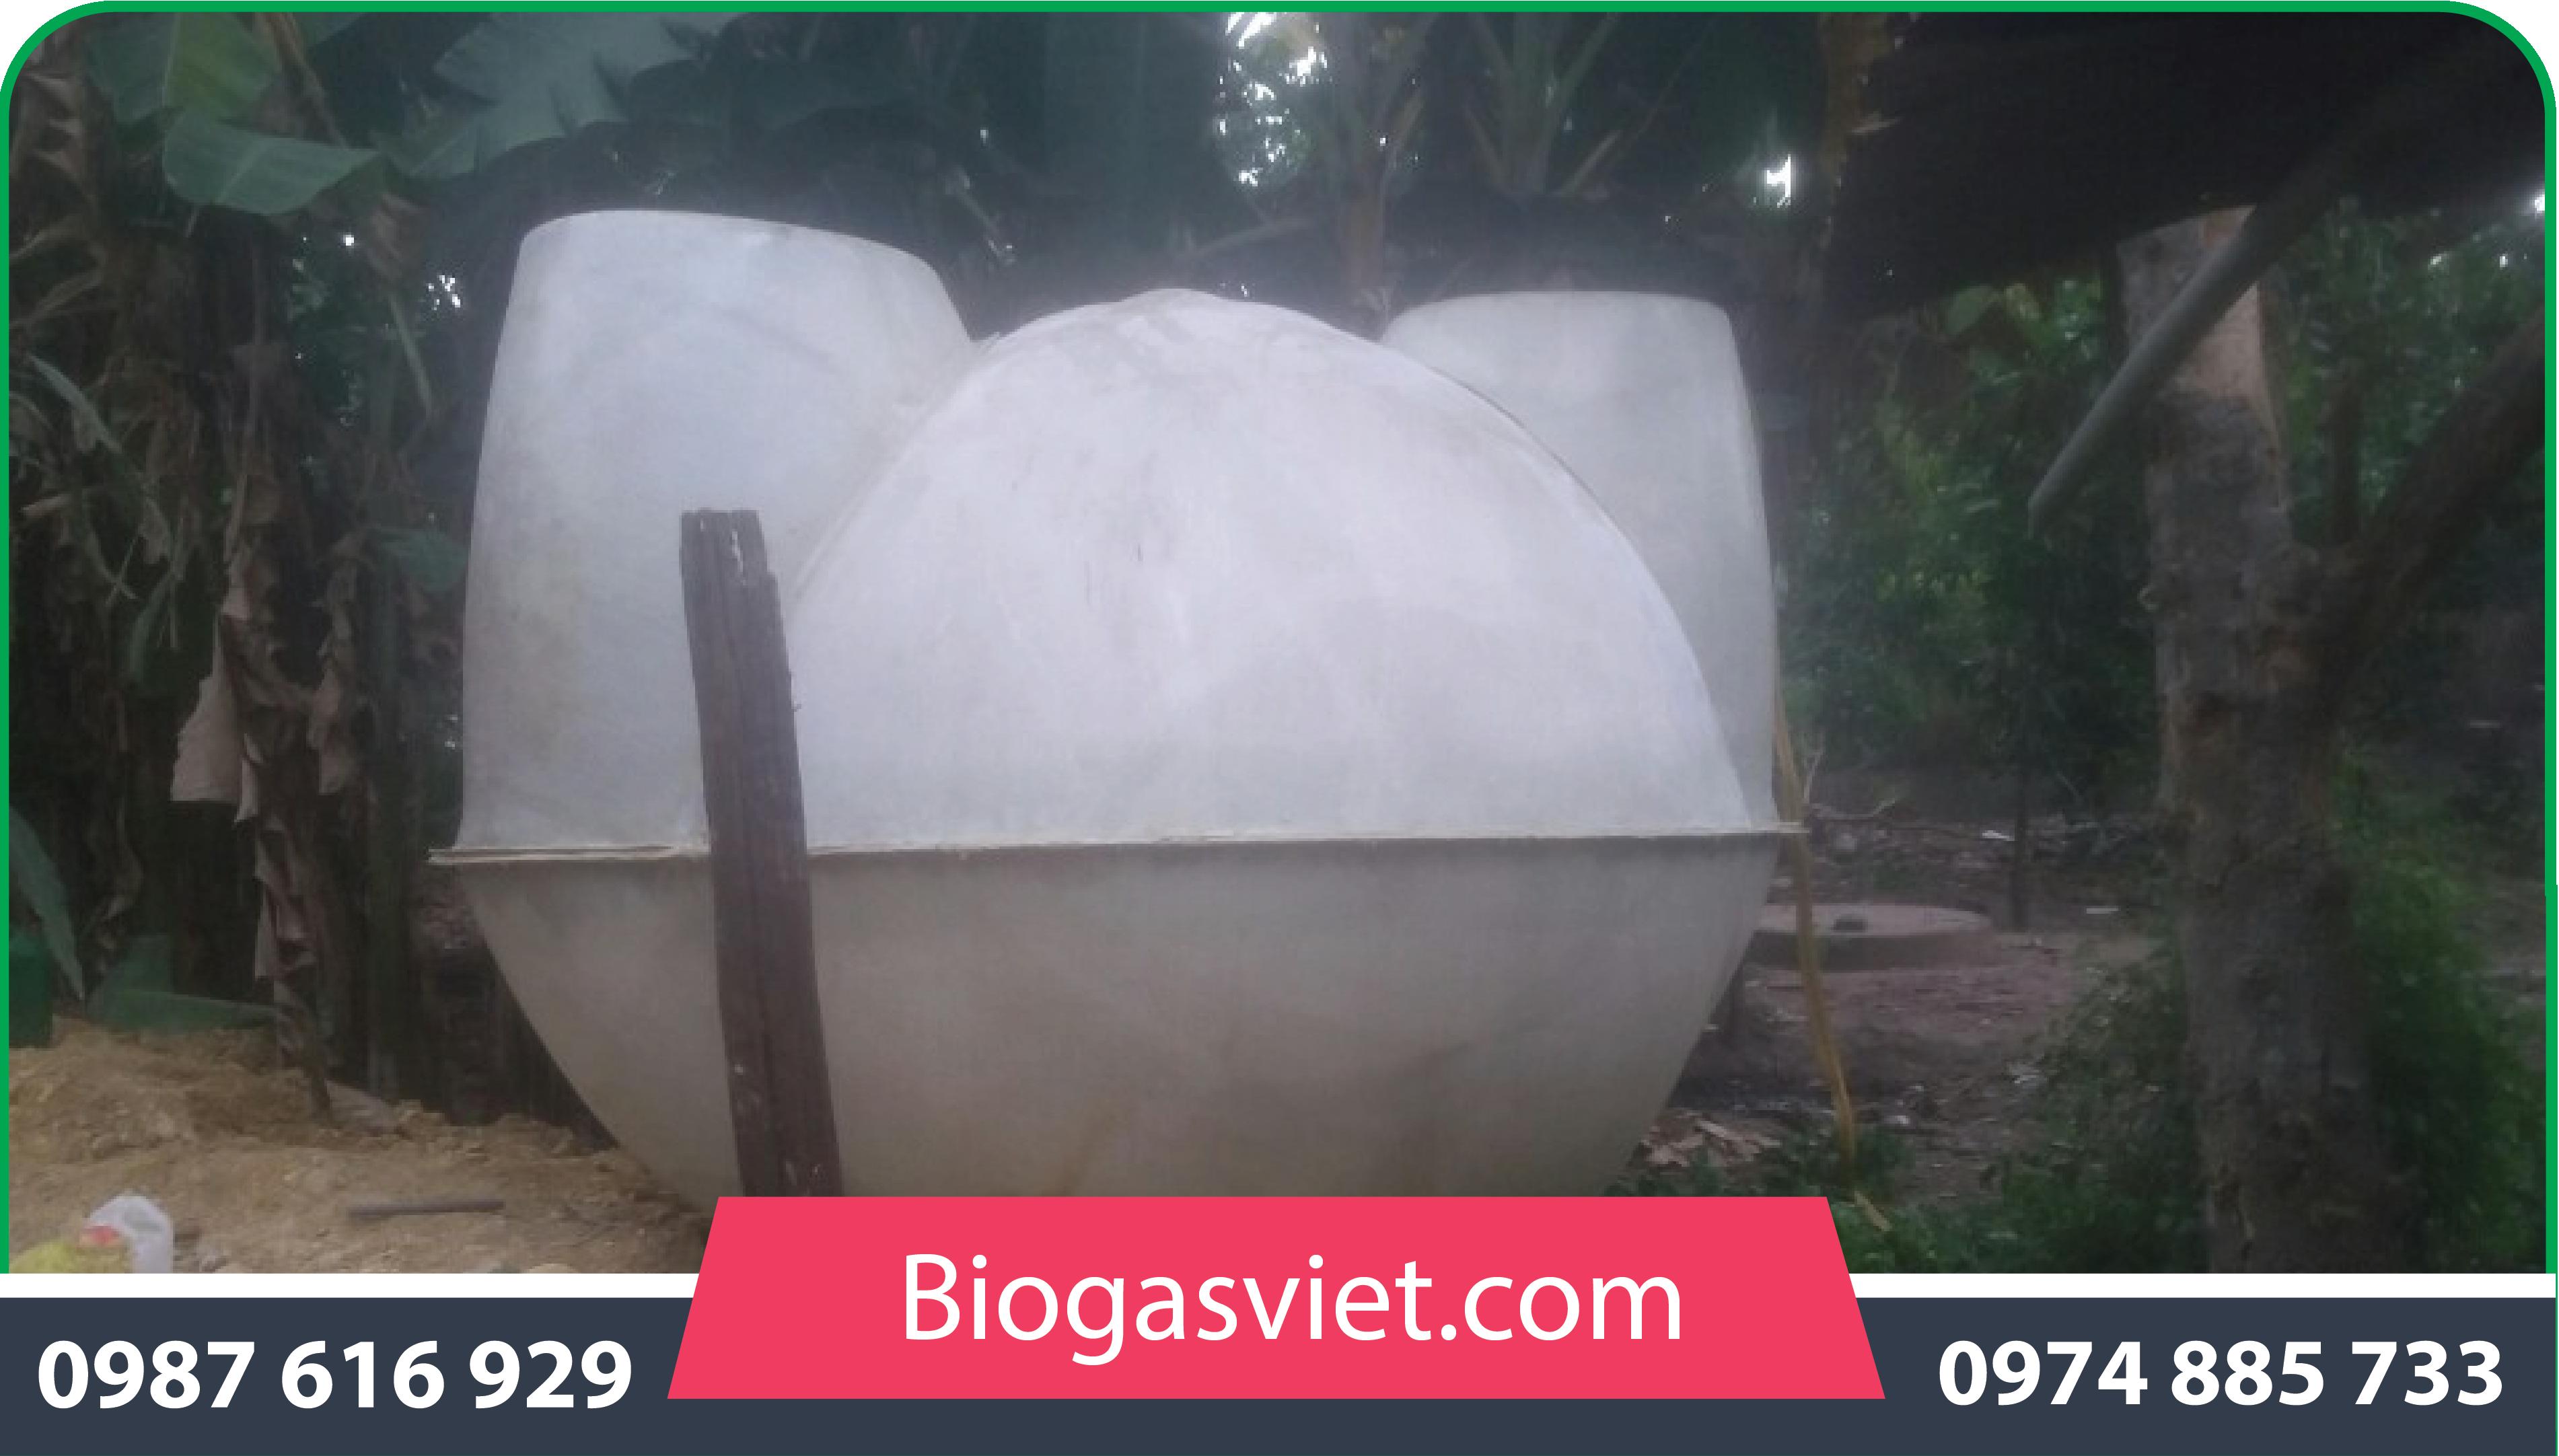 hầm ủ biogas cải tiến bvc